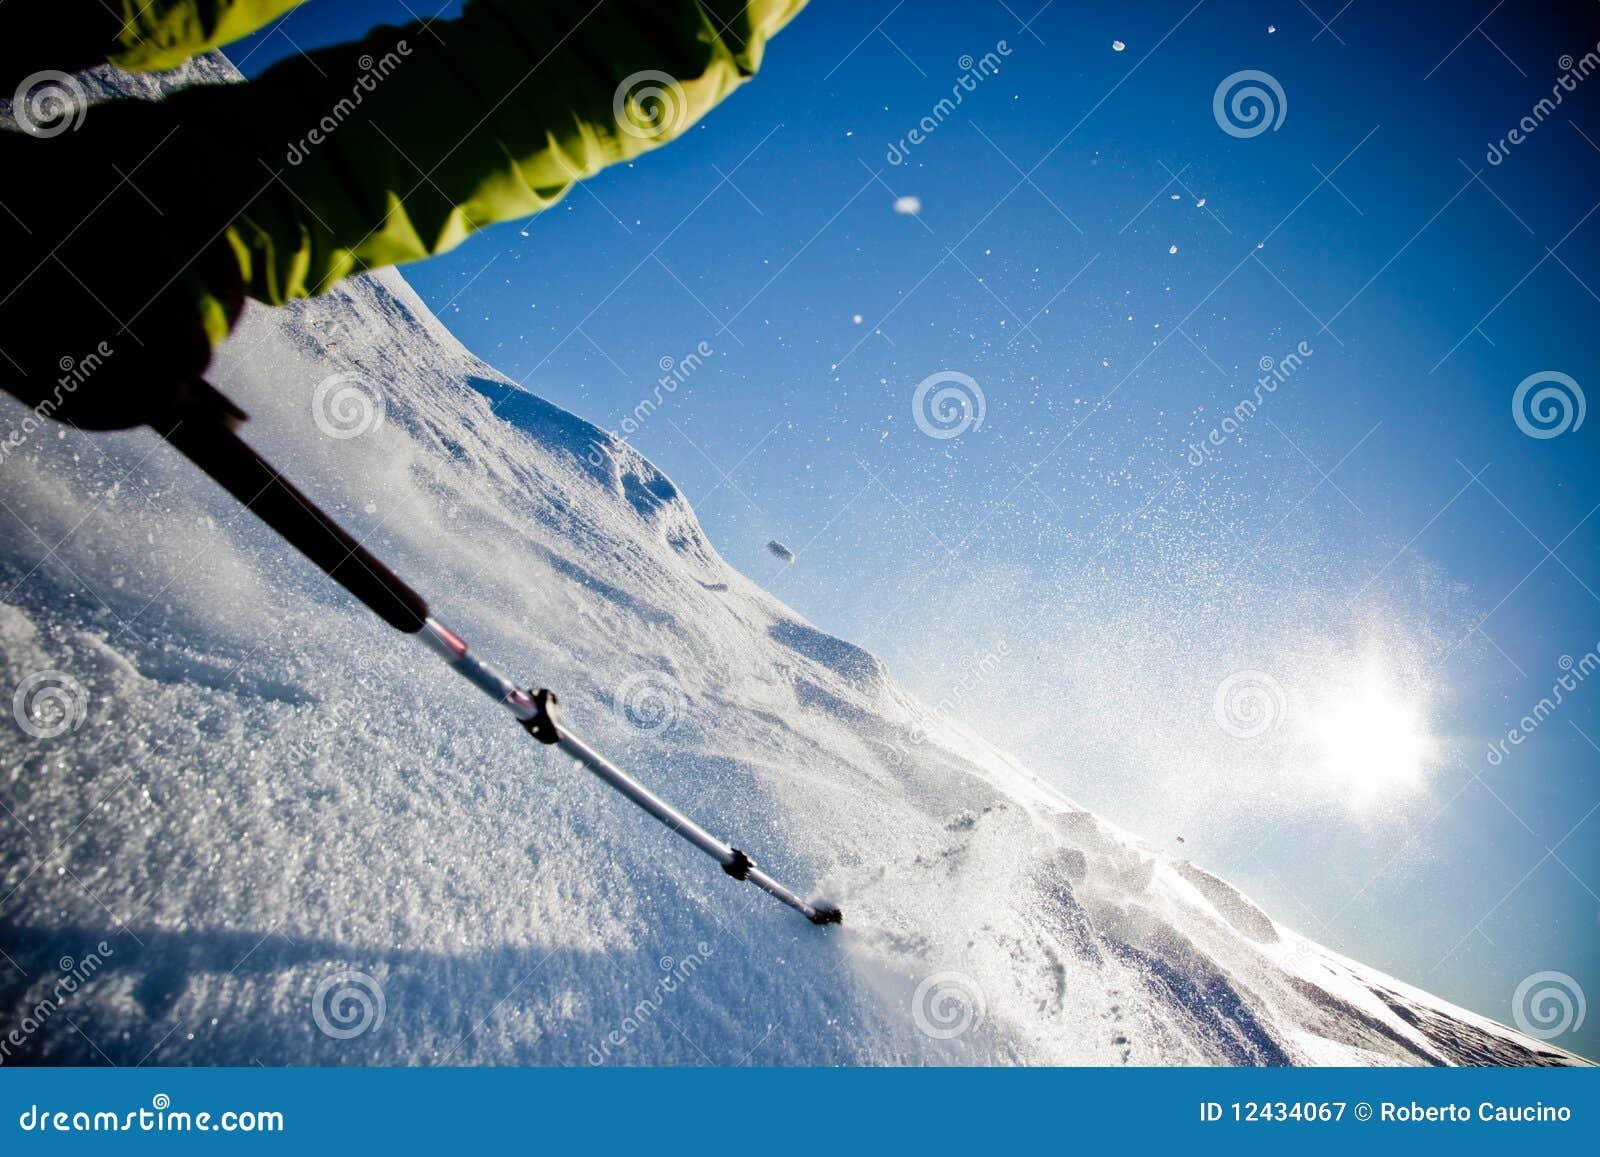 να κάνει σκι freeride